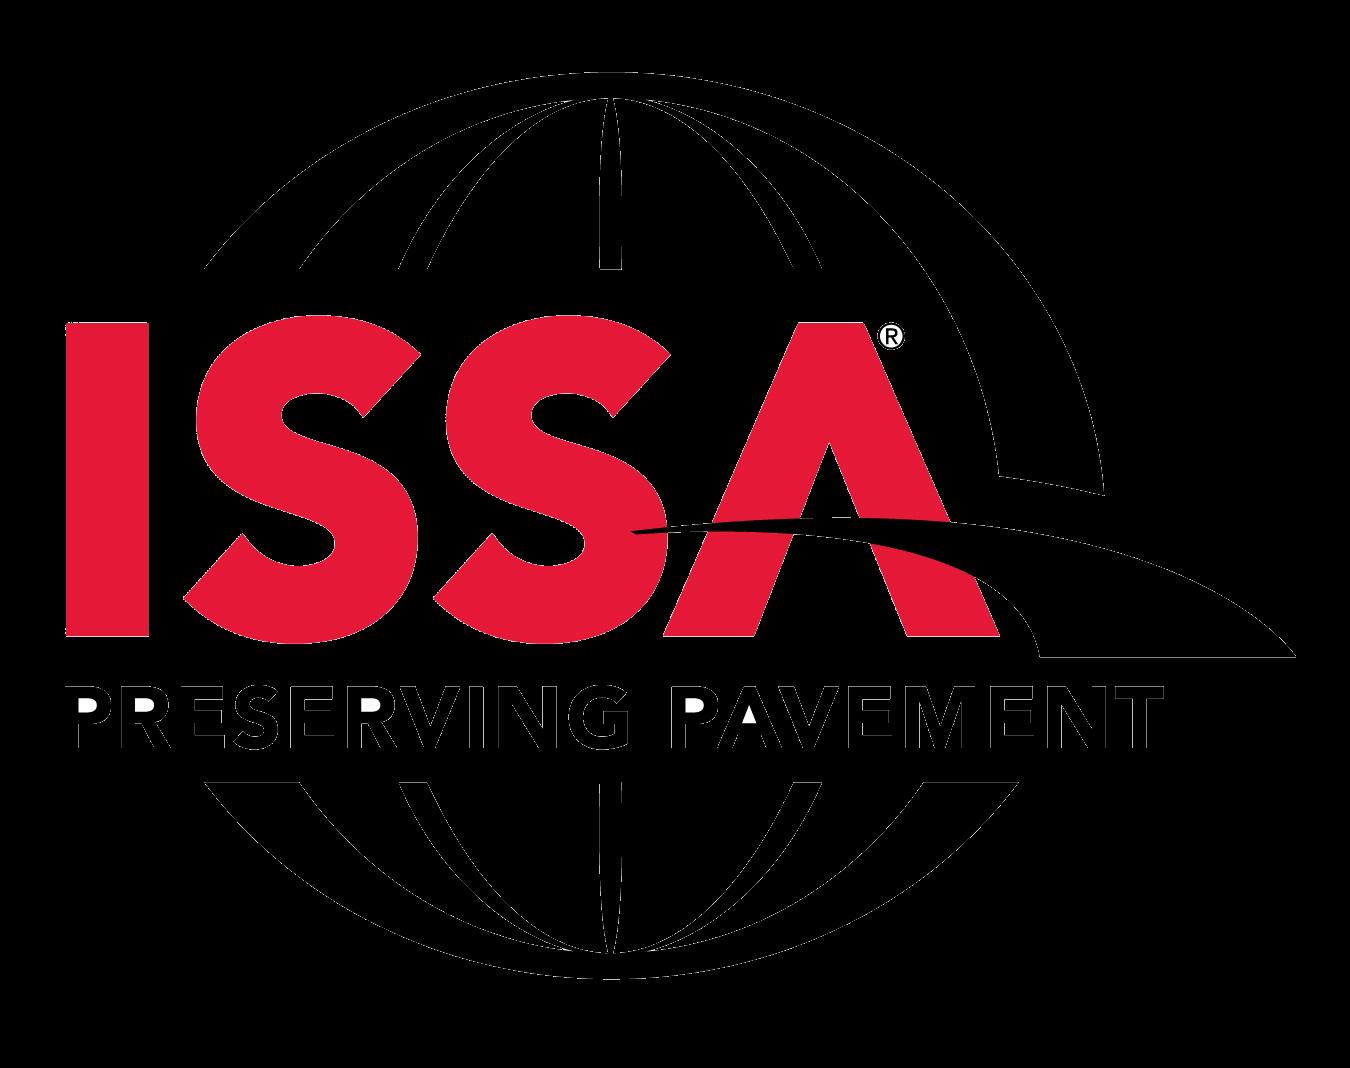 https://0201.nccdn.net/1_2/000/000/13a/ff4/ISSA-Logo-1350x1068.png